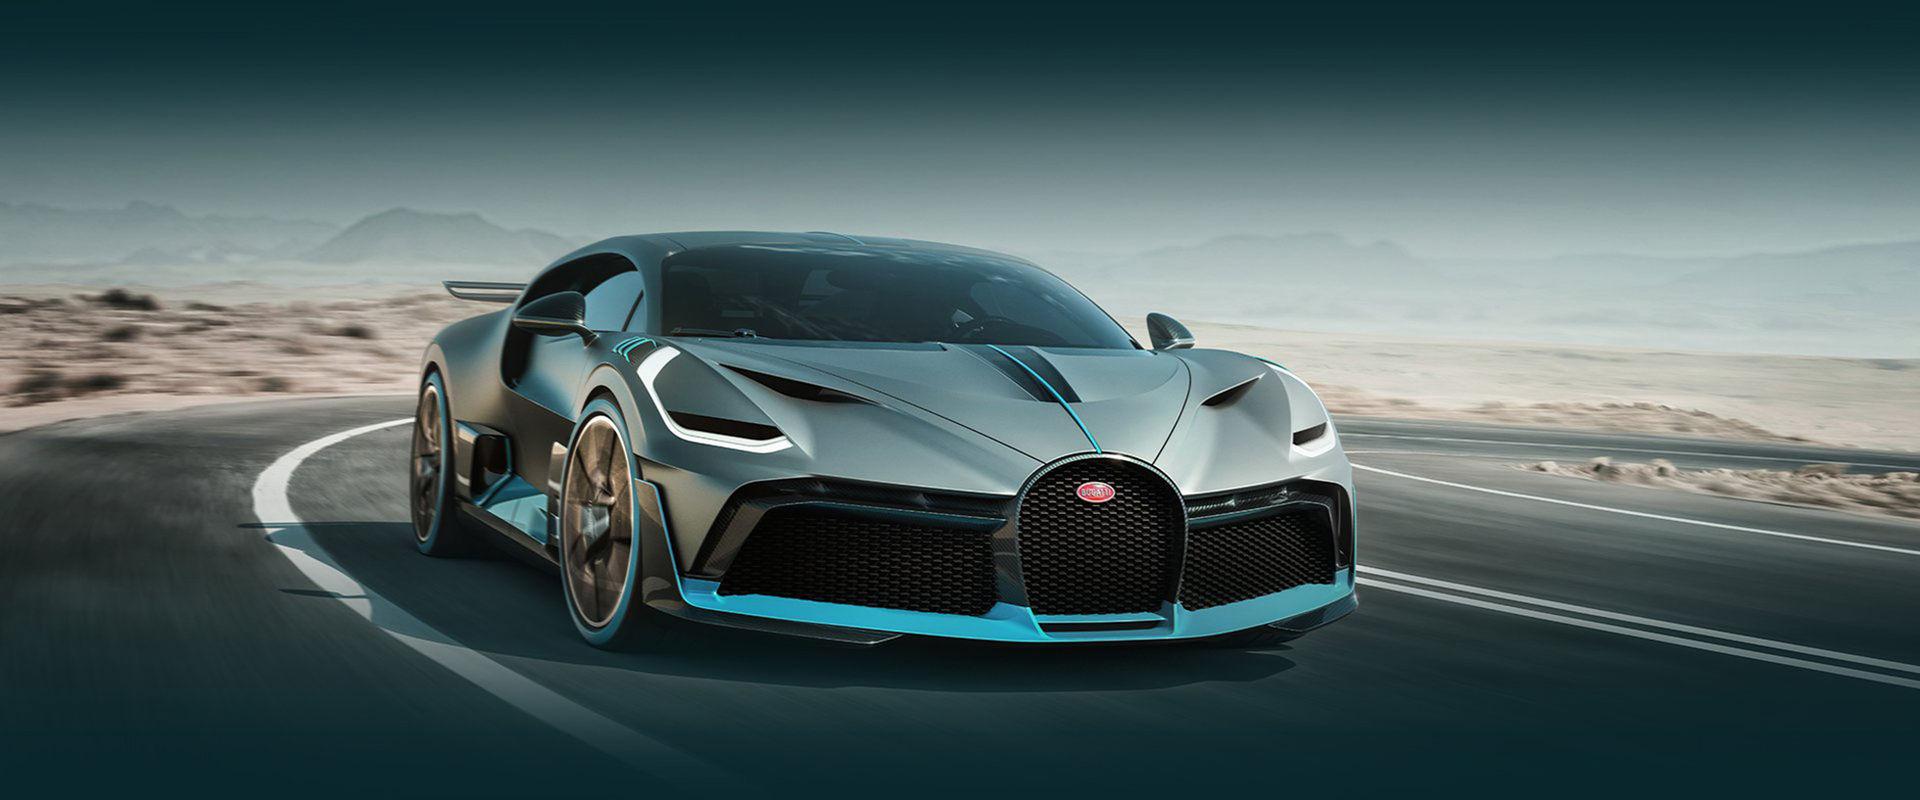 Vassare ban-versioner av Bugatti Chiron ska komma